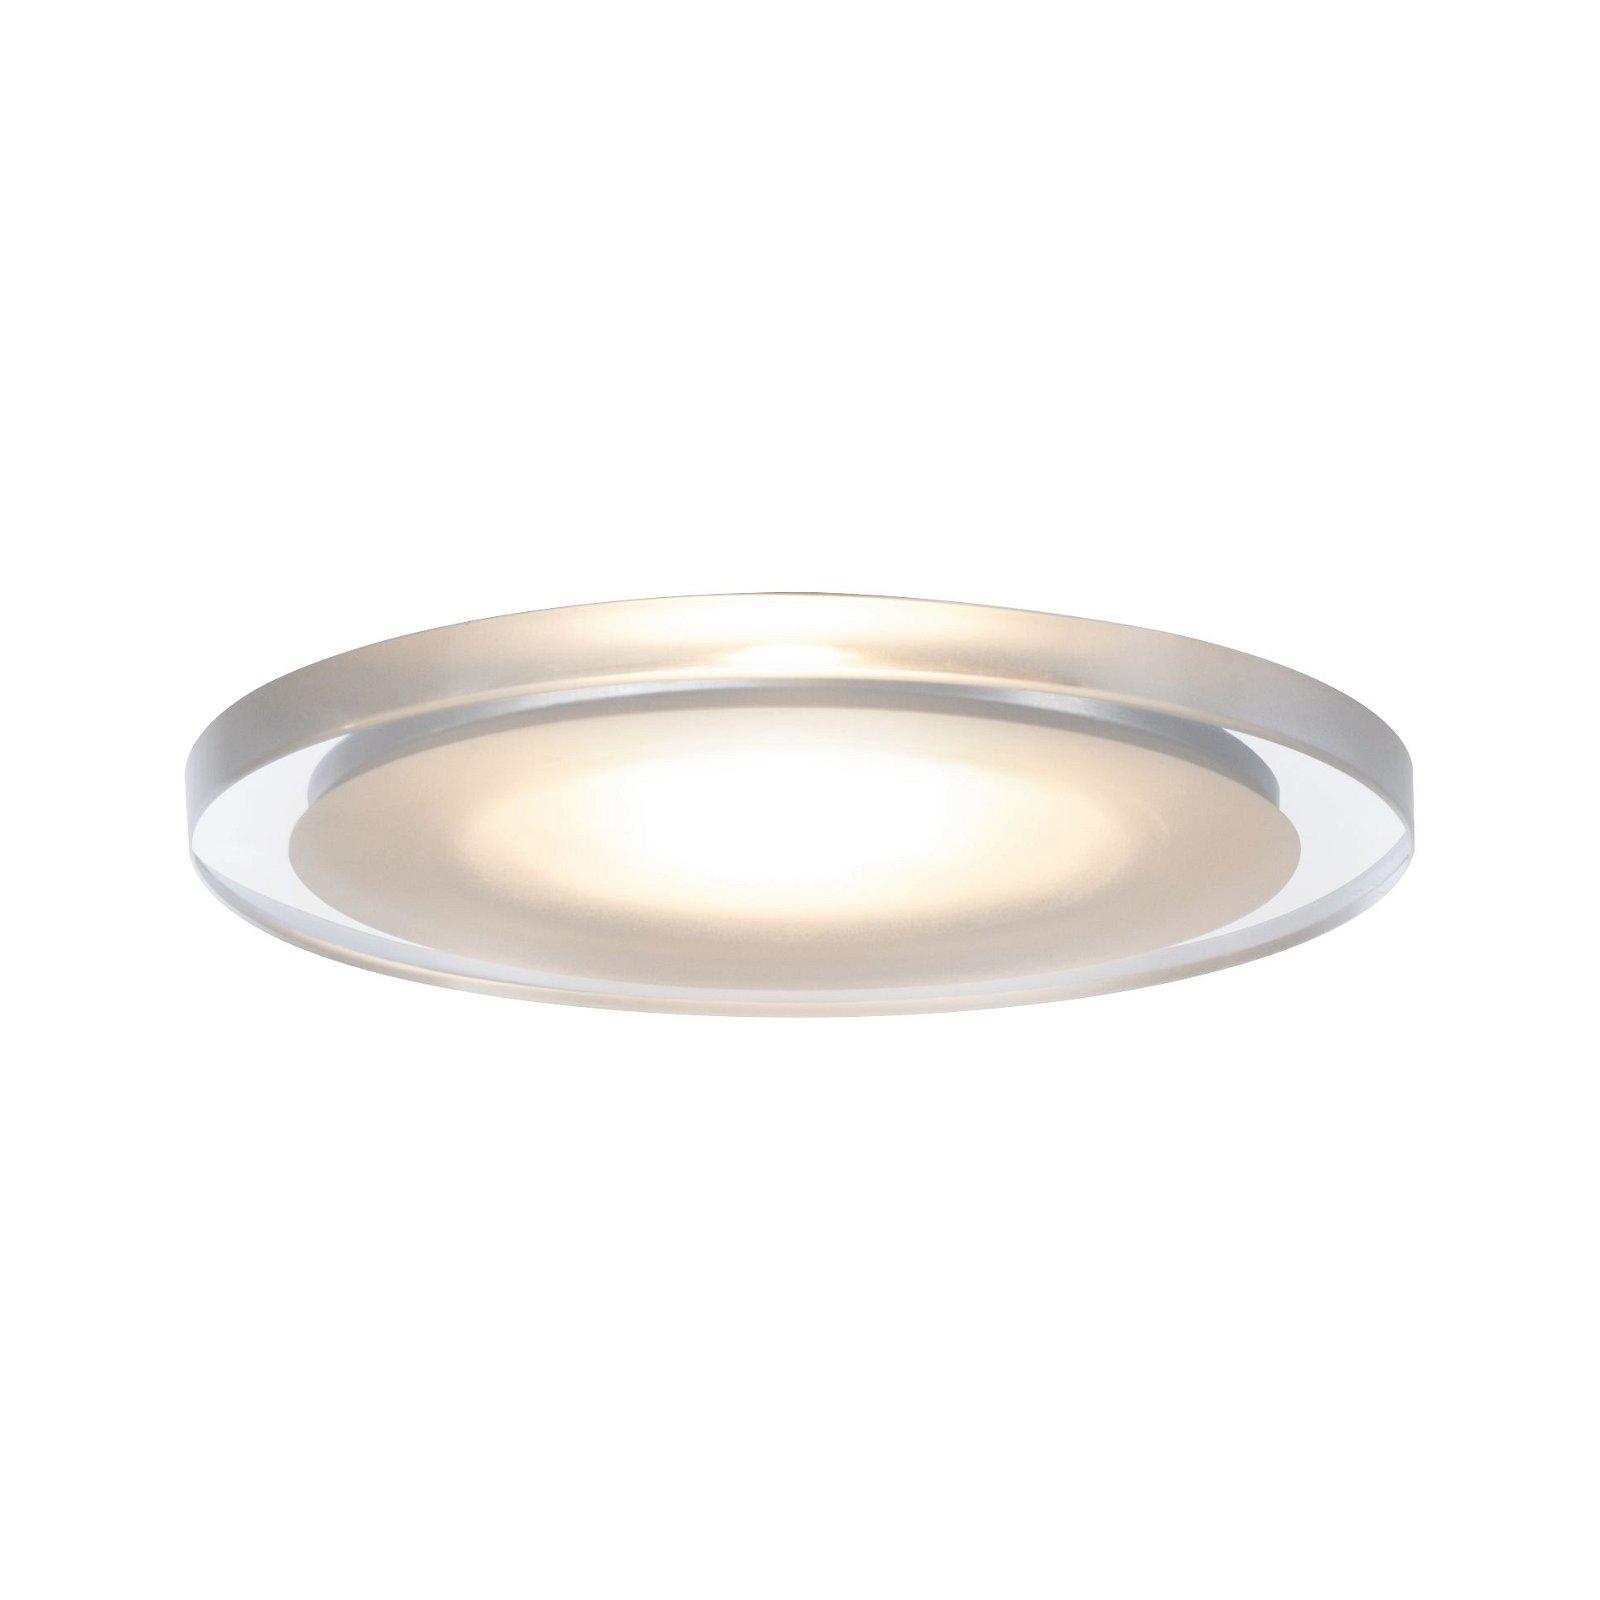 LED-meubelinbouwlampen Whirl rond 65mm 3x2,4W 3x115lm 230V 2700K Satijn